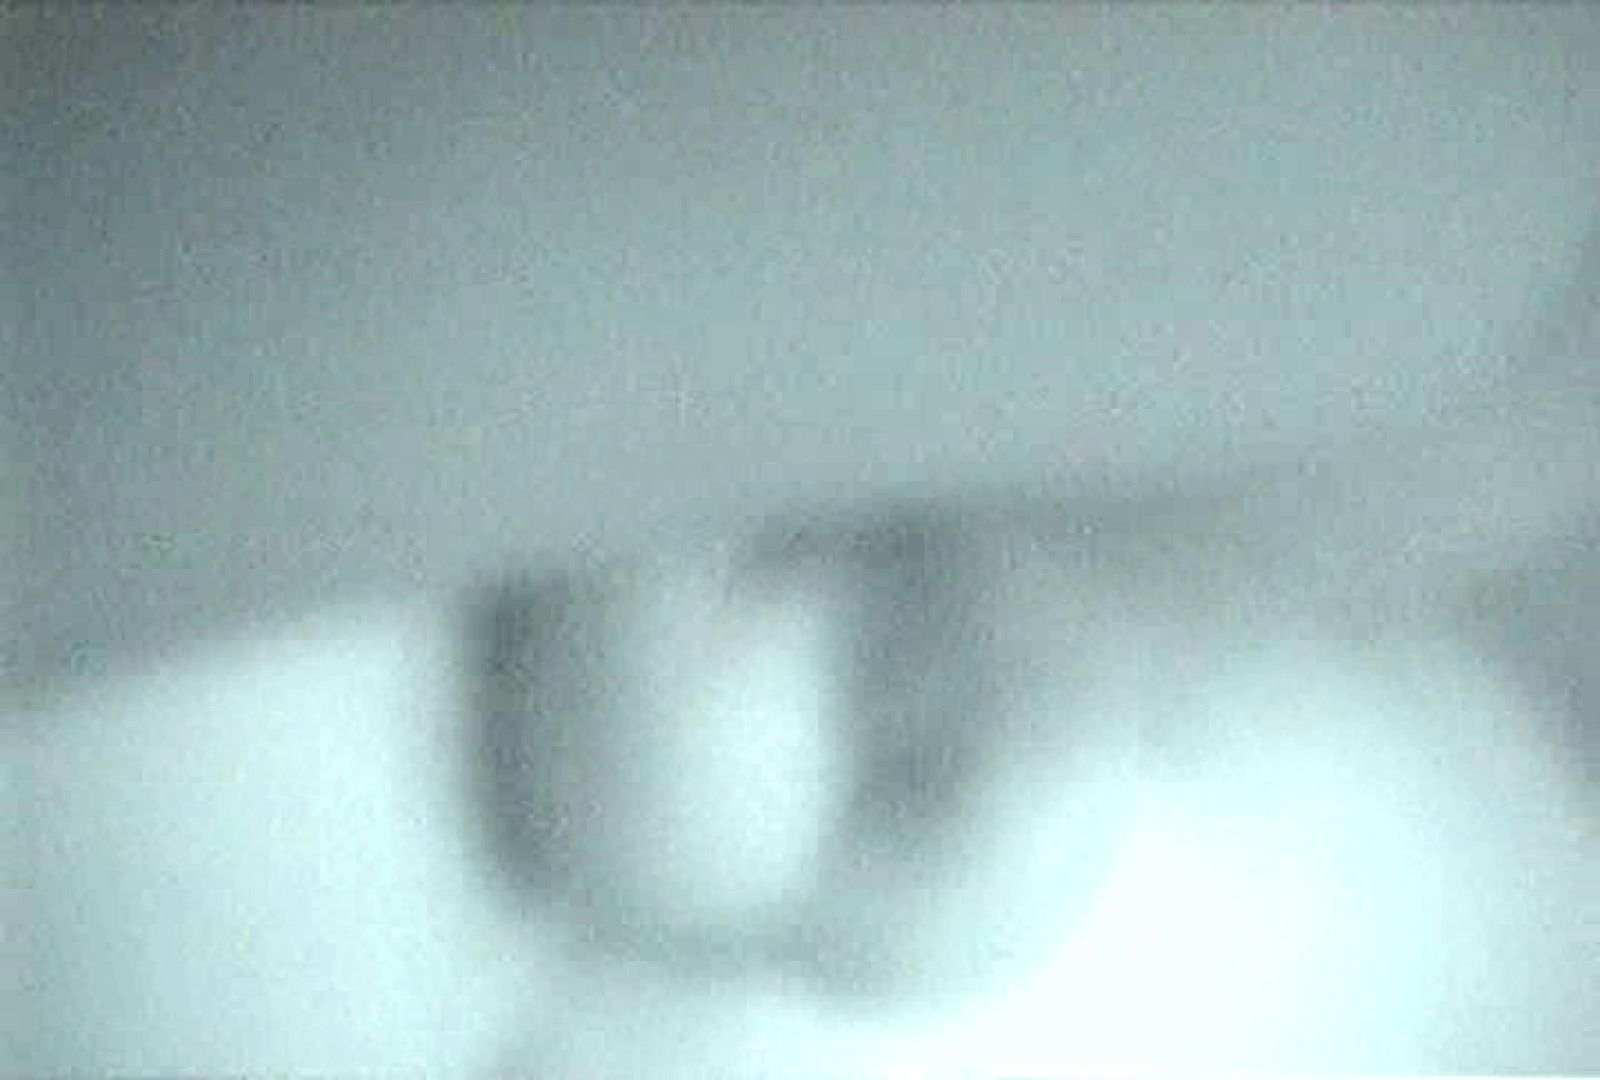 「充血監督」さんの深夜の運動会!! vol.088 OL女体 オマンコ無修正動画無料 106連発 67